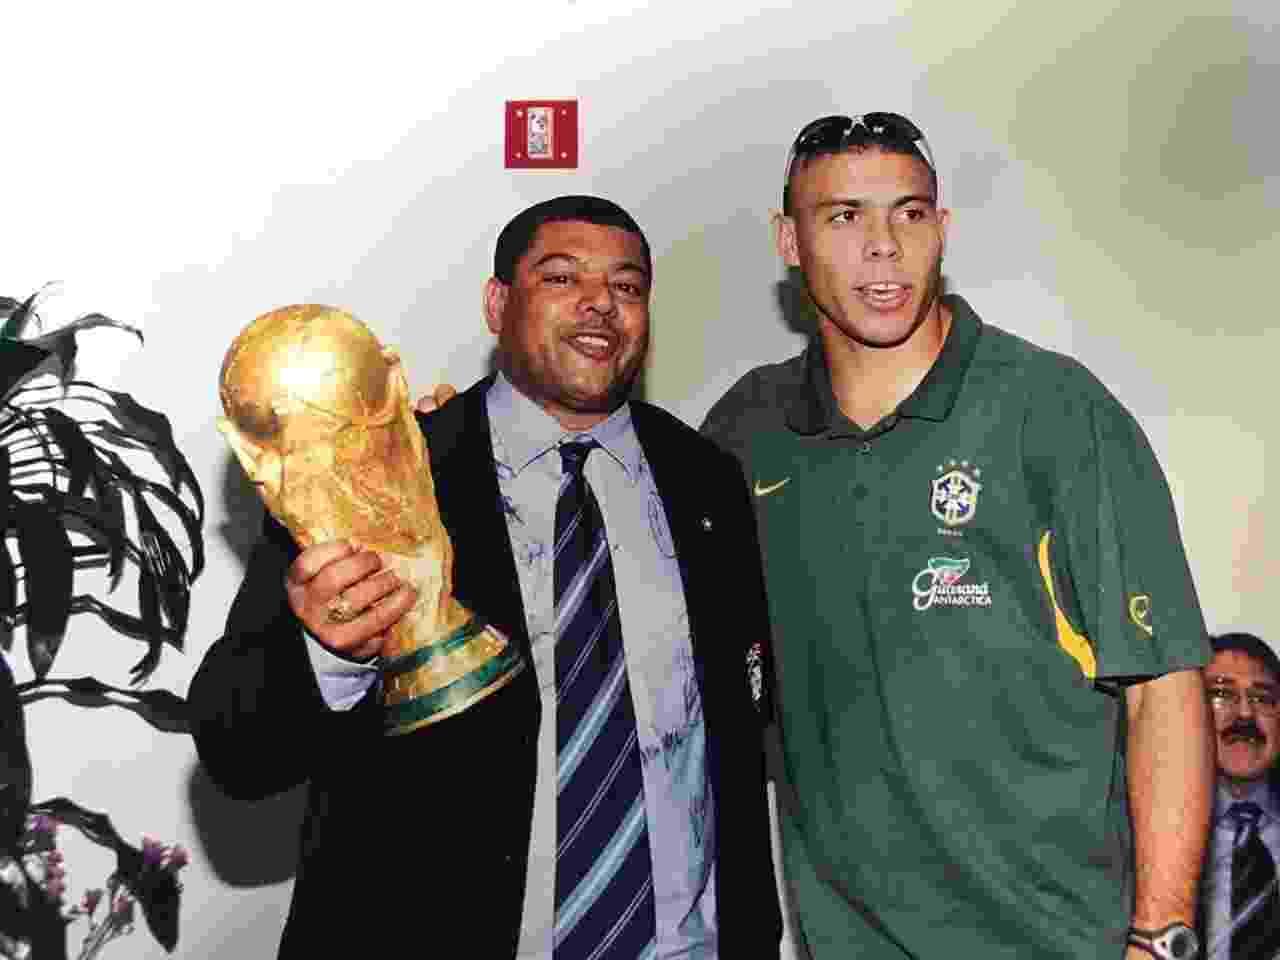 Barreto com Ronaldo após a Copa de 2002 - Arquivo pessoal